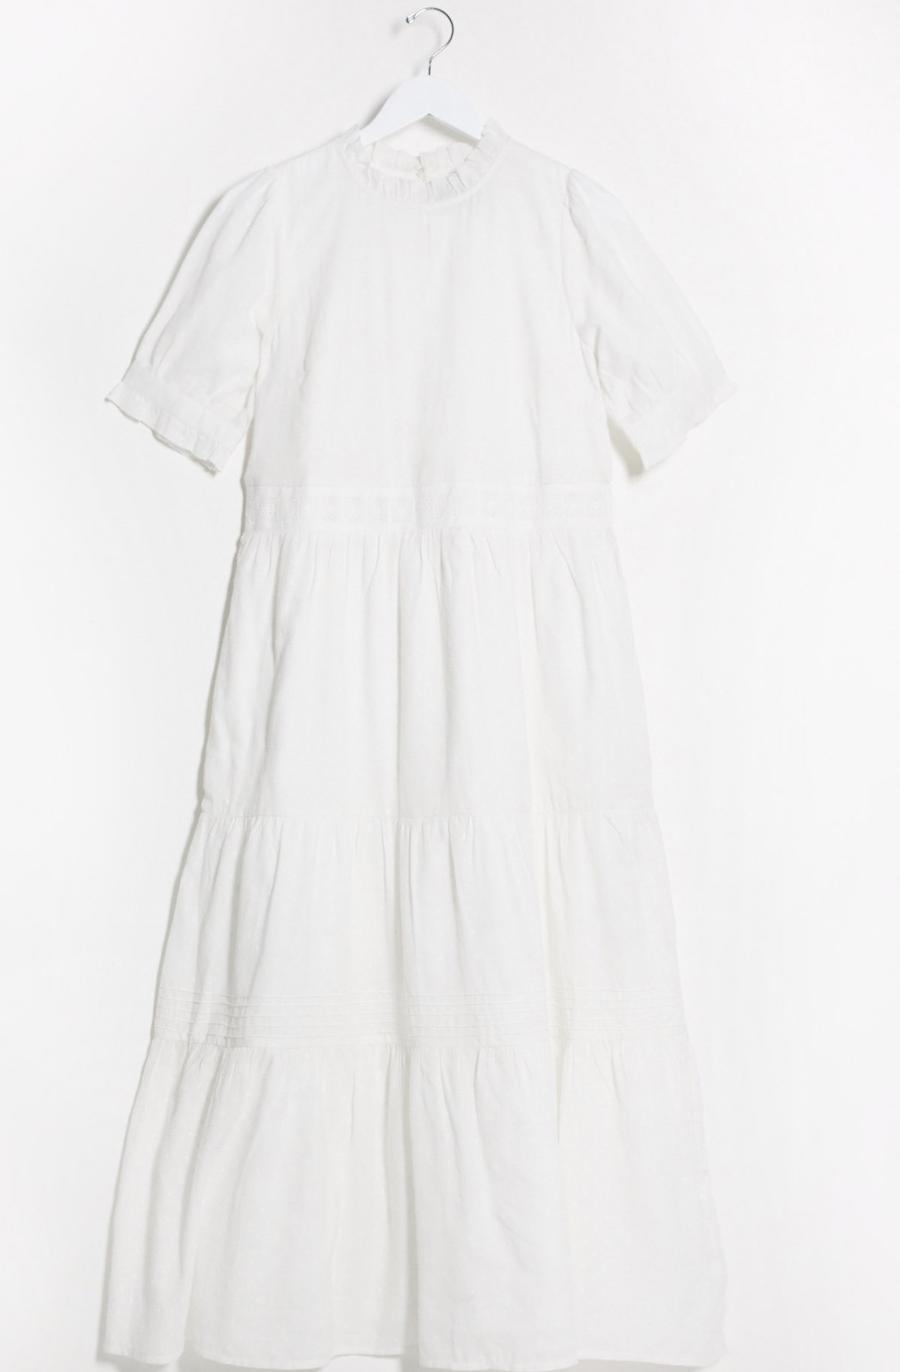 Vestido largo amplio y escalonado con plumeti, manga corta en algodón blanco con aplicaciones de encaje de ASOS DESIGN